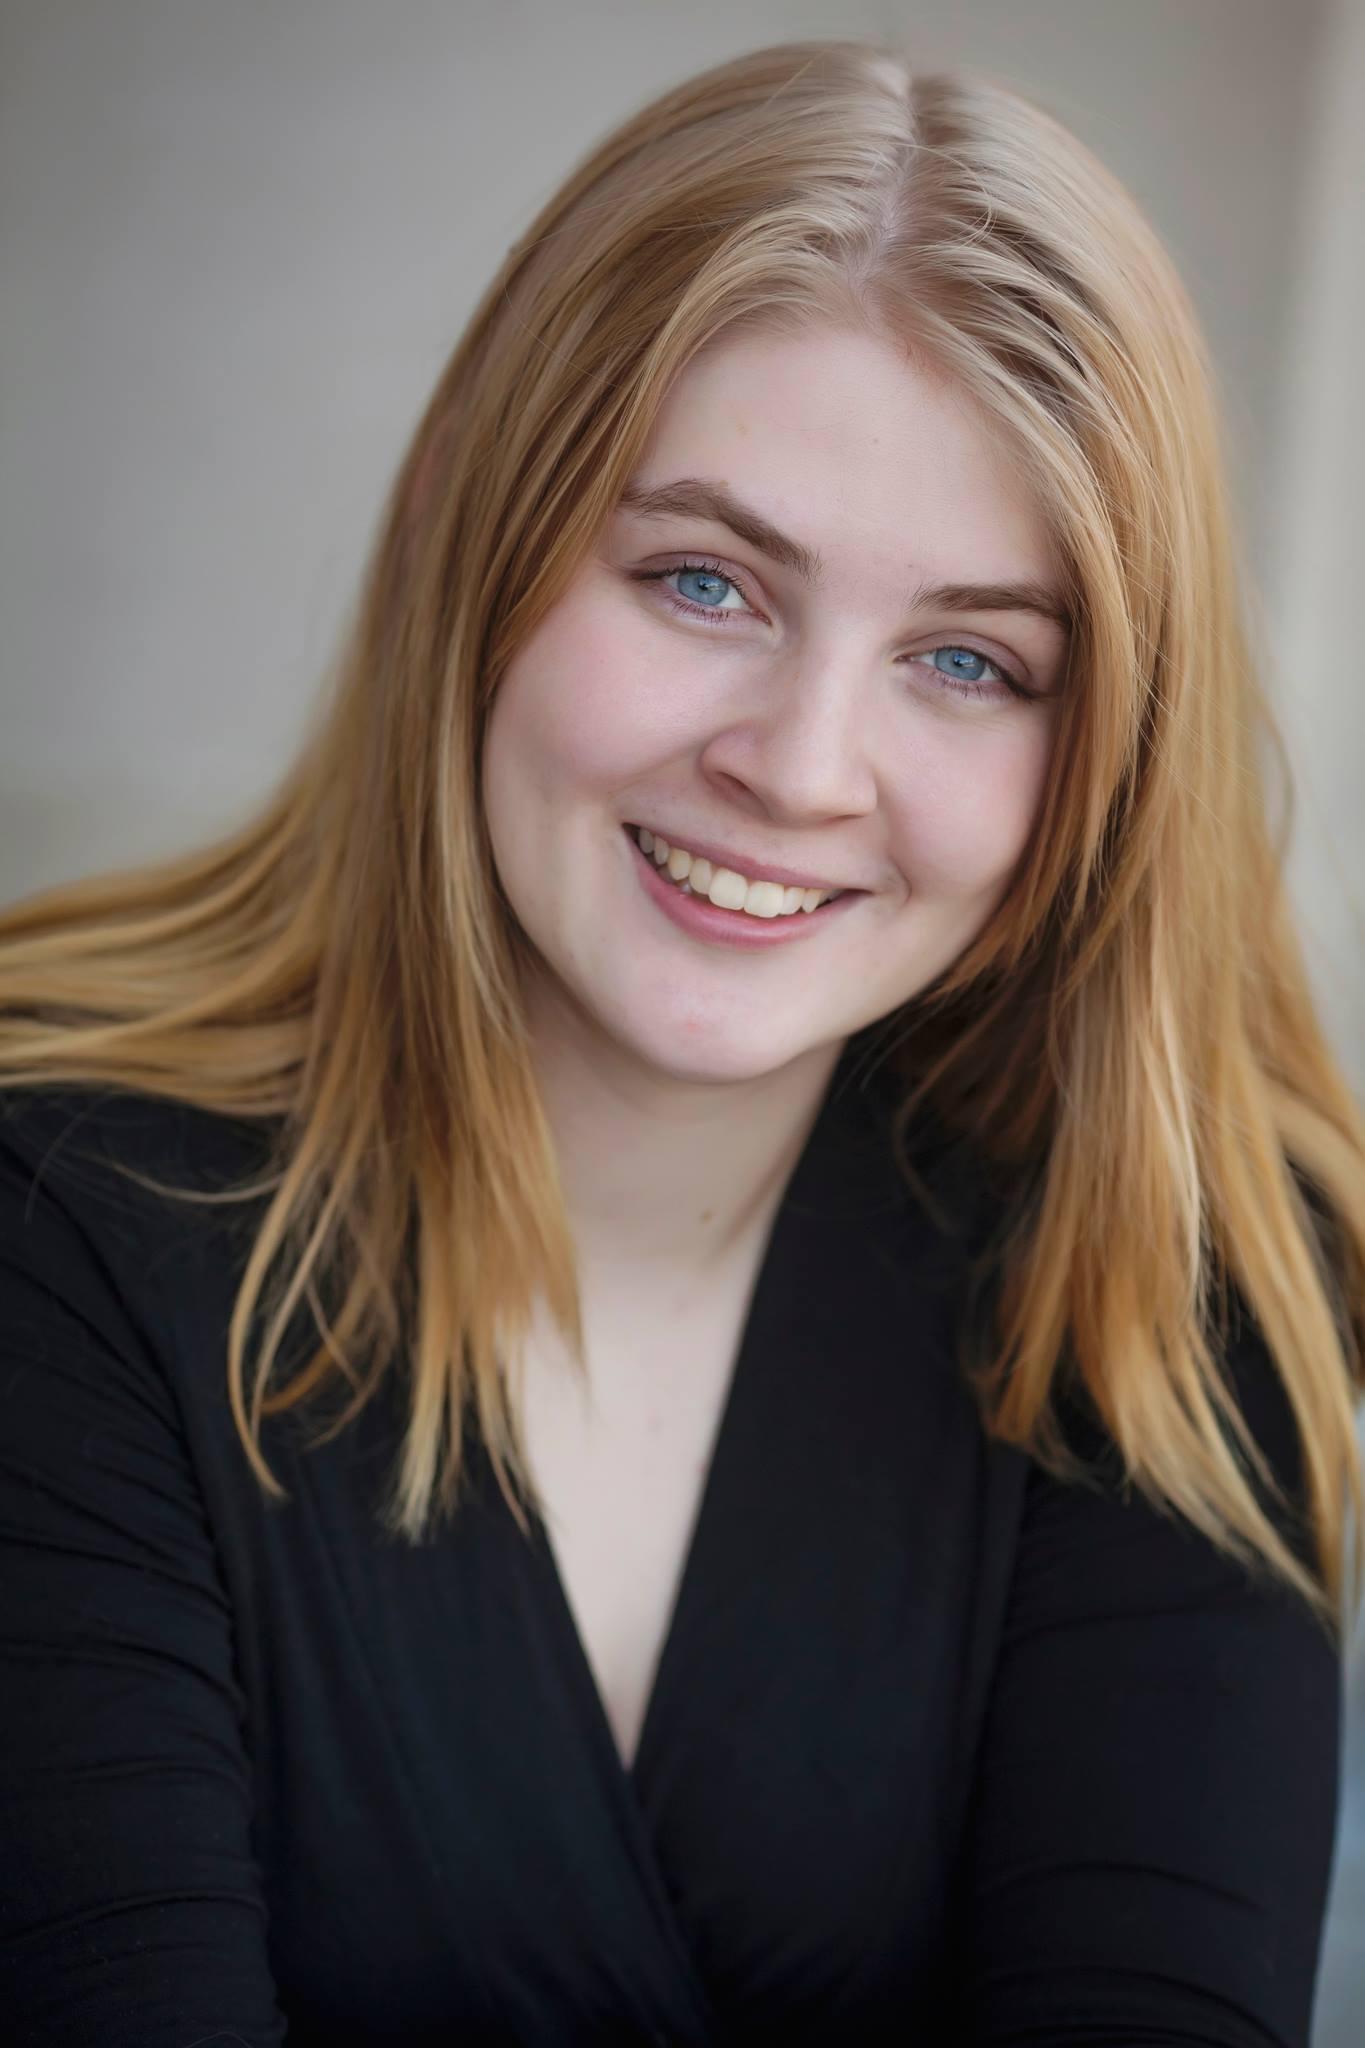 Brooke D'Aprile